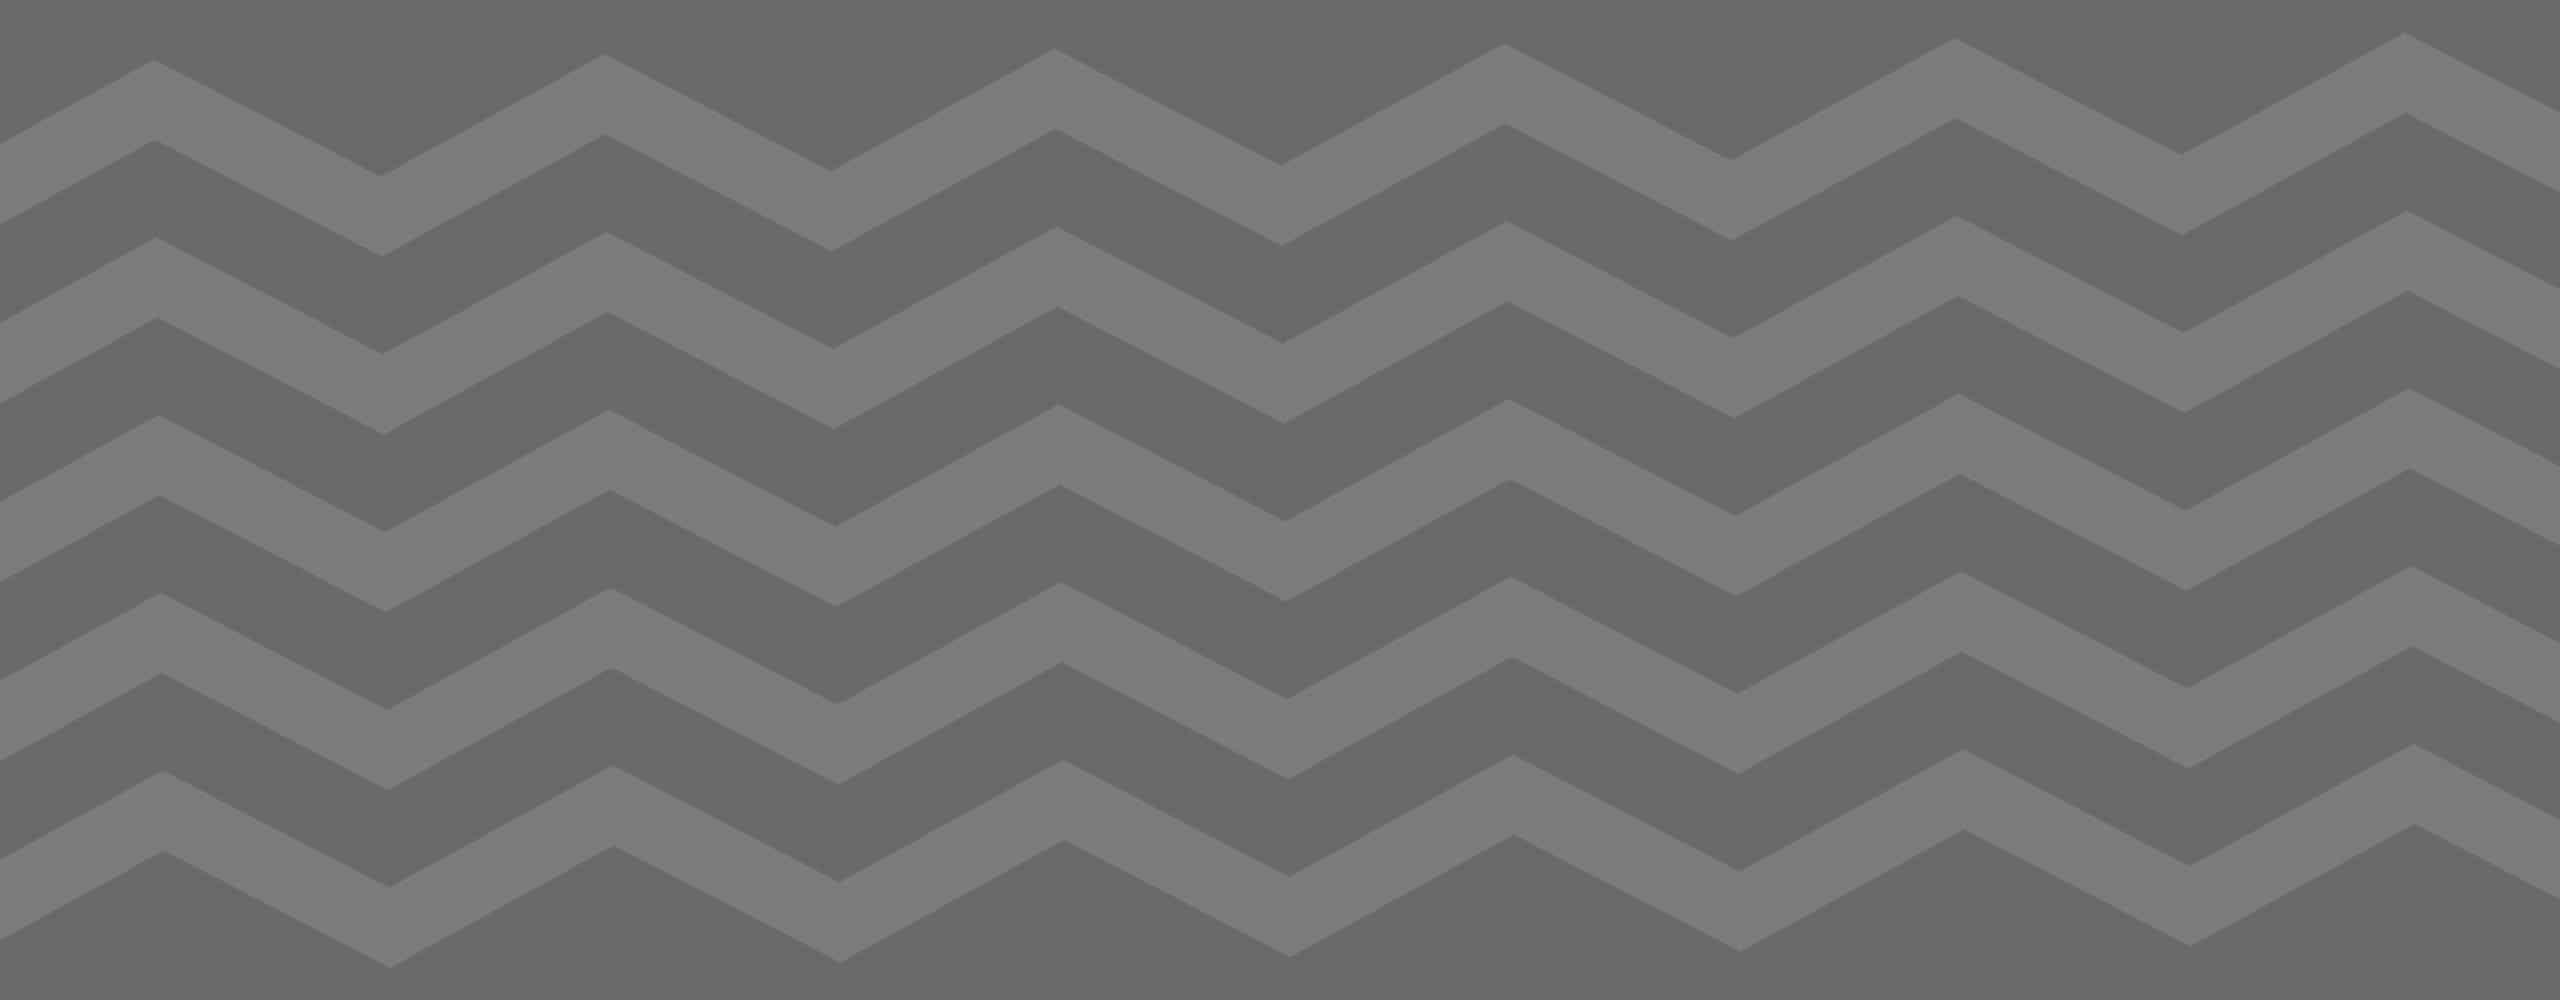 SRT Chevron Pattern